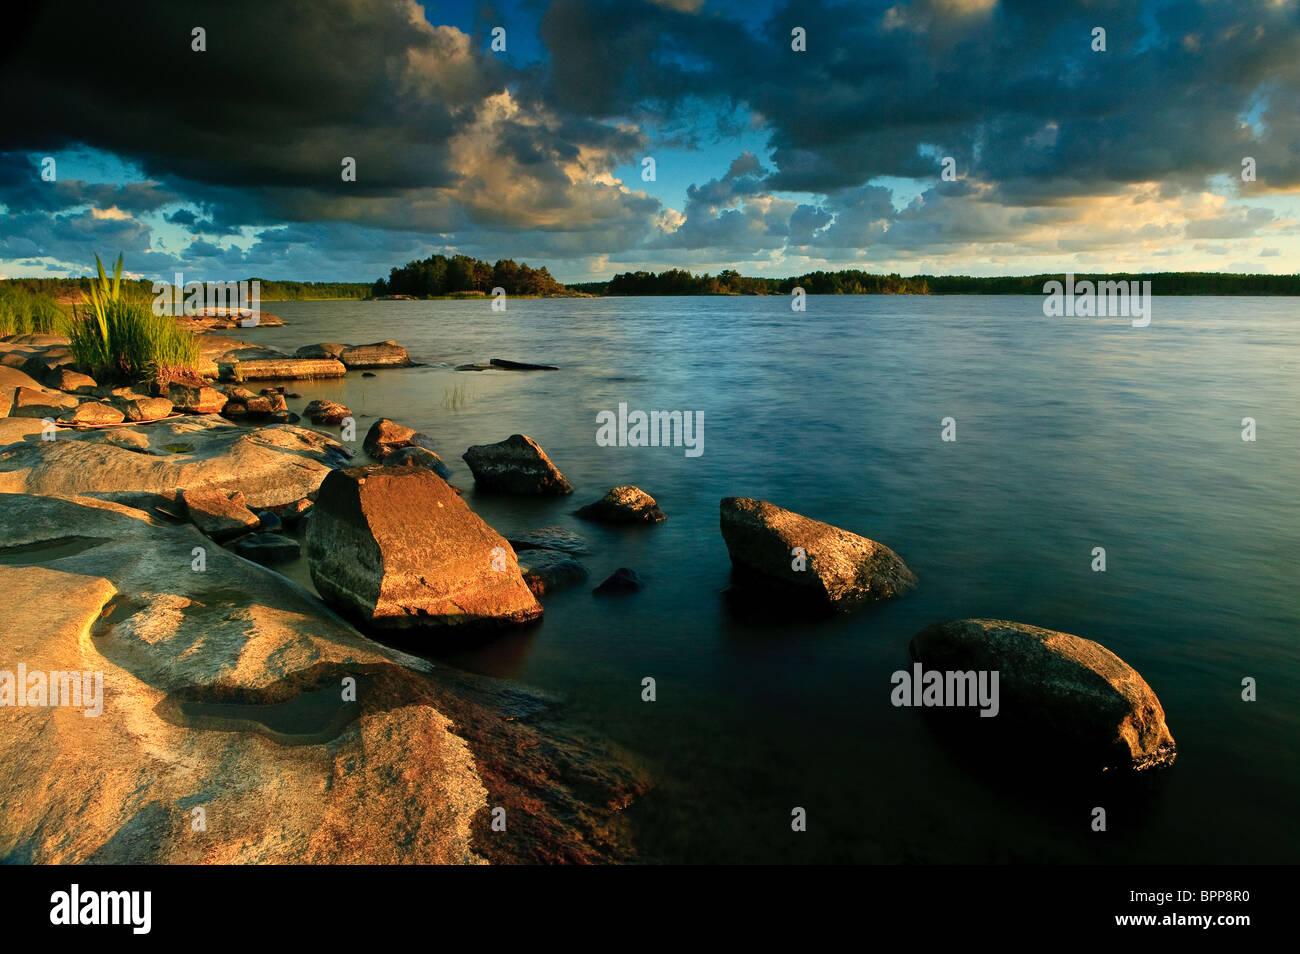 Sommer Abendlicht am Ufer der kleinen Insel im See Brattholmen Råde Vansjø, Kommune, Østfold fylke, Stockbild